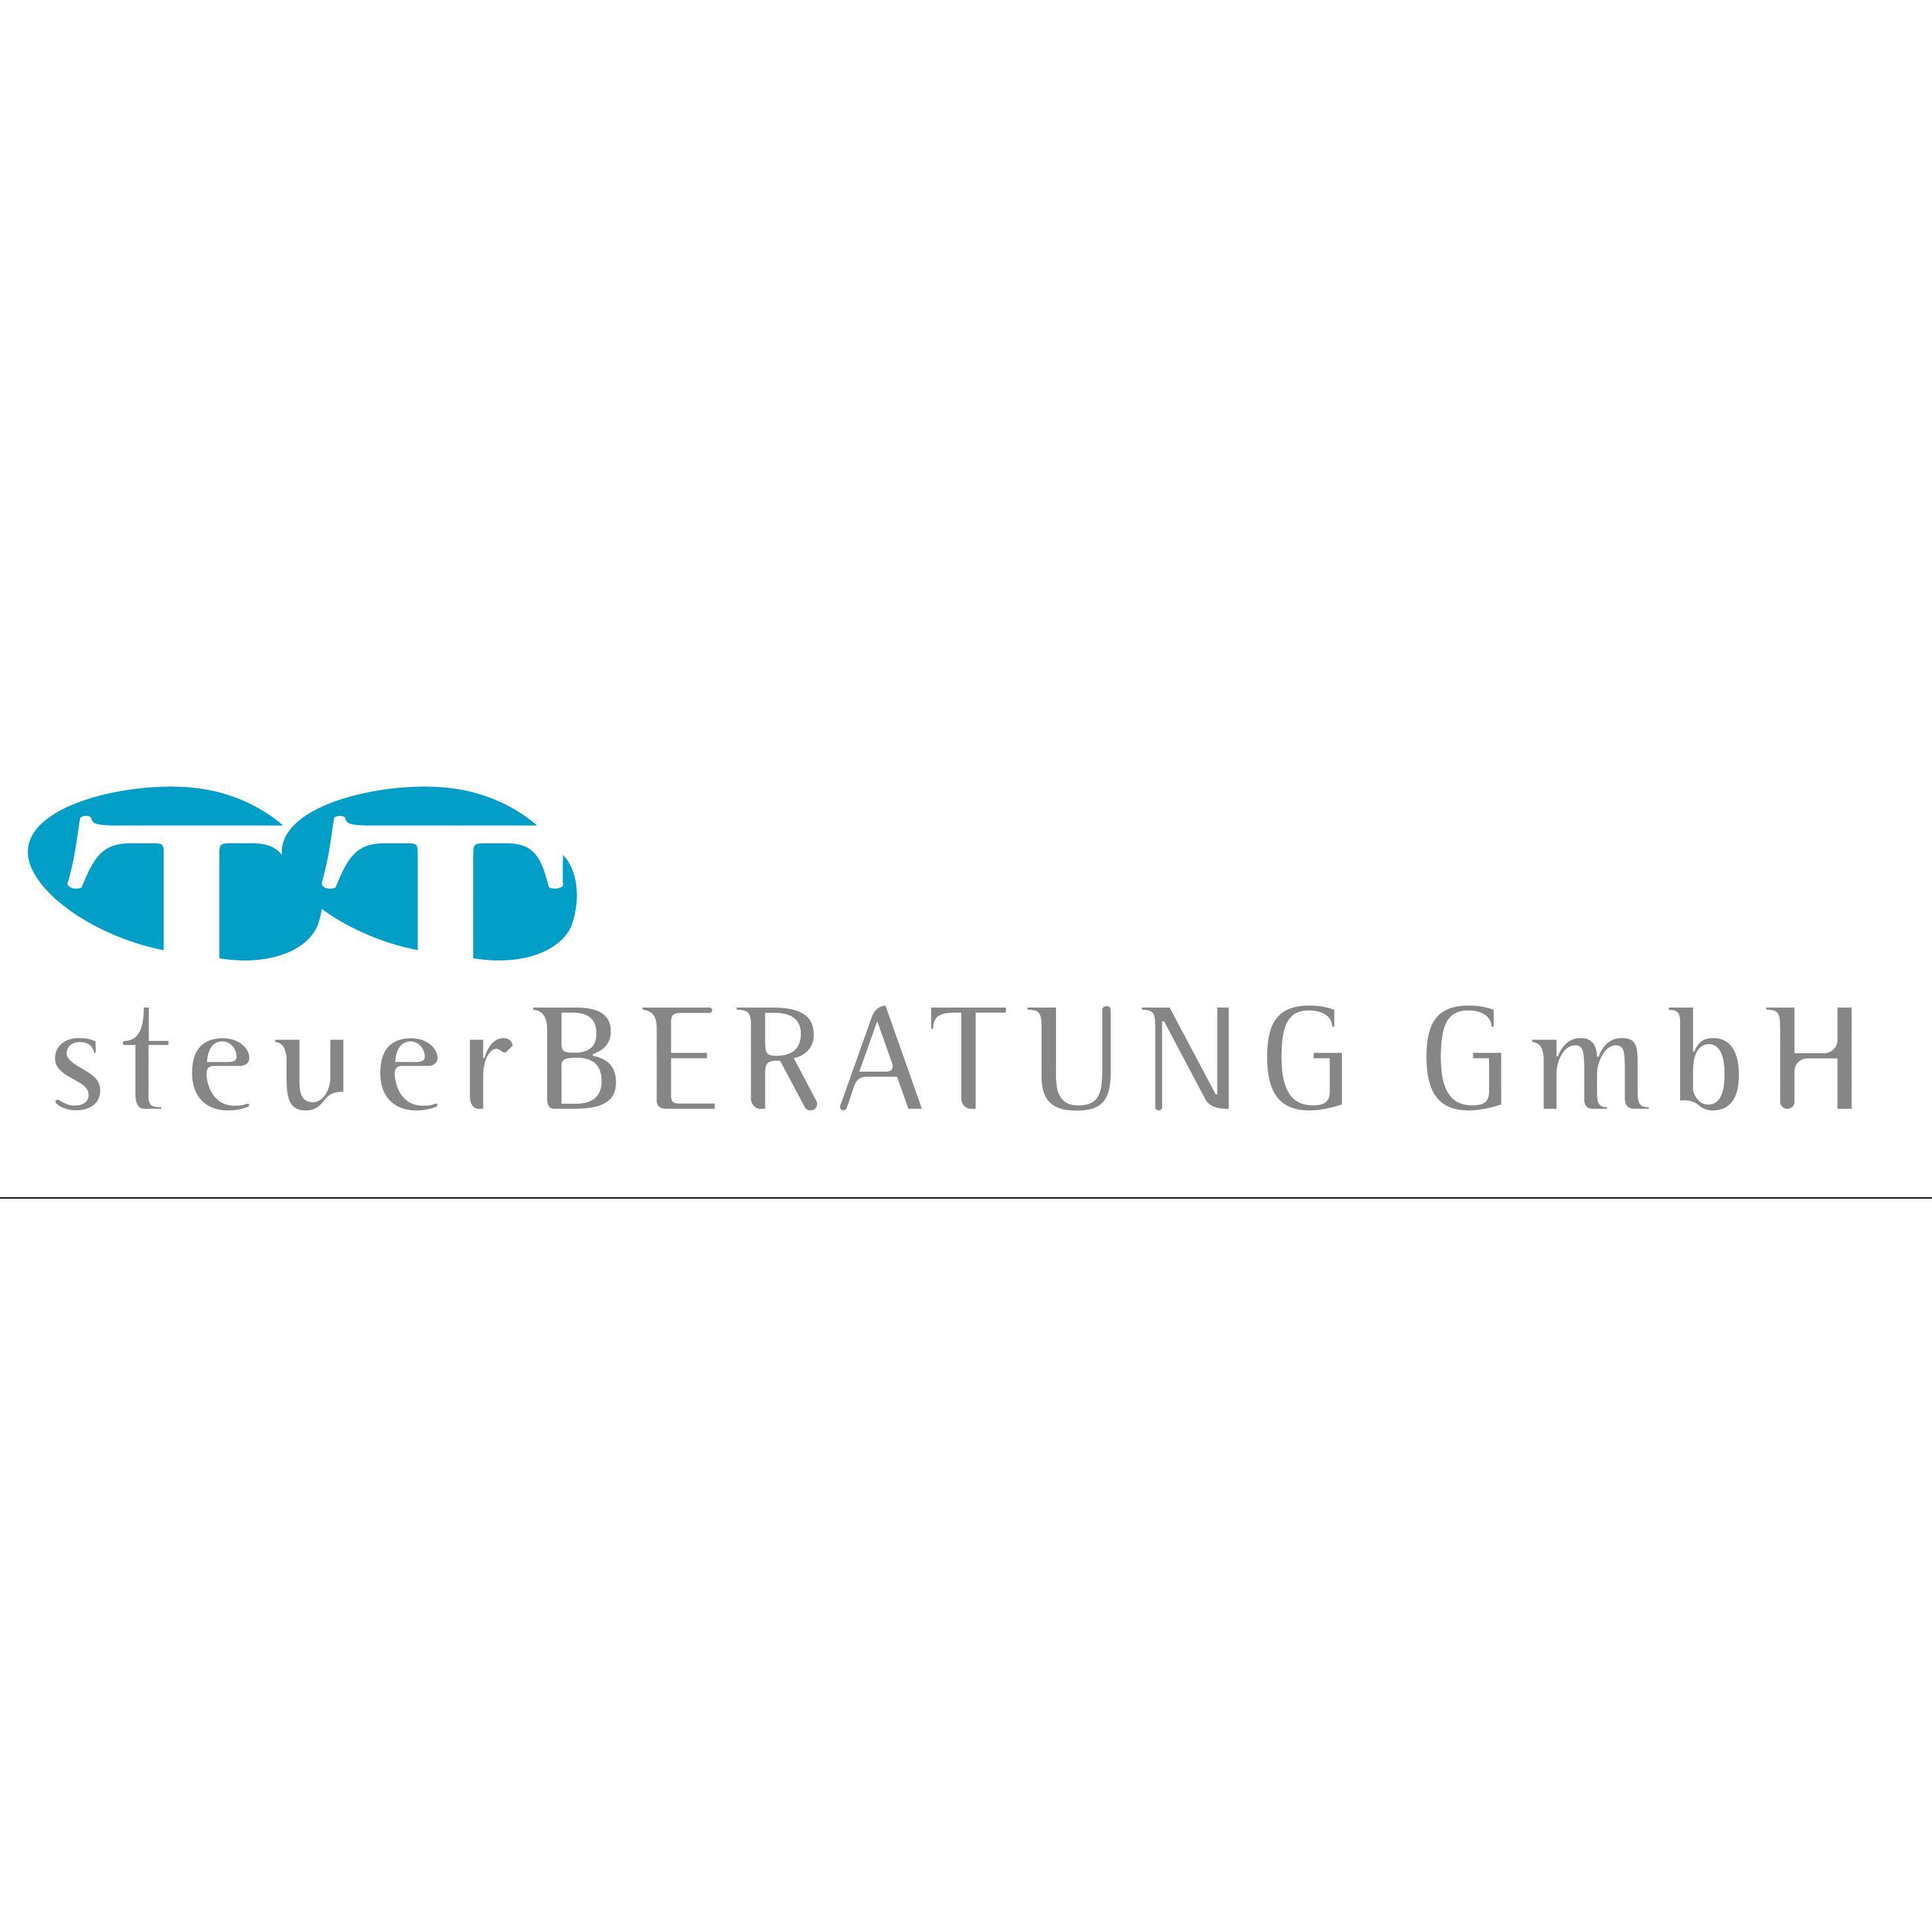 Bild zu TT steuerBERATUNG GmbH in Oestrich Winkel